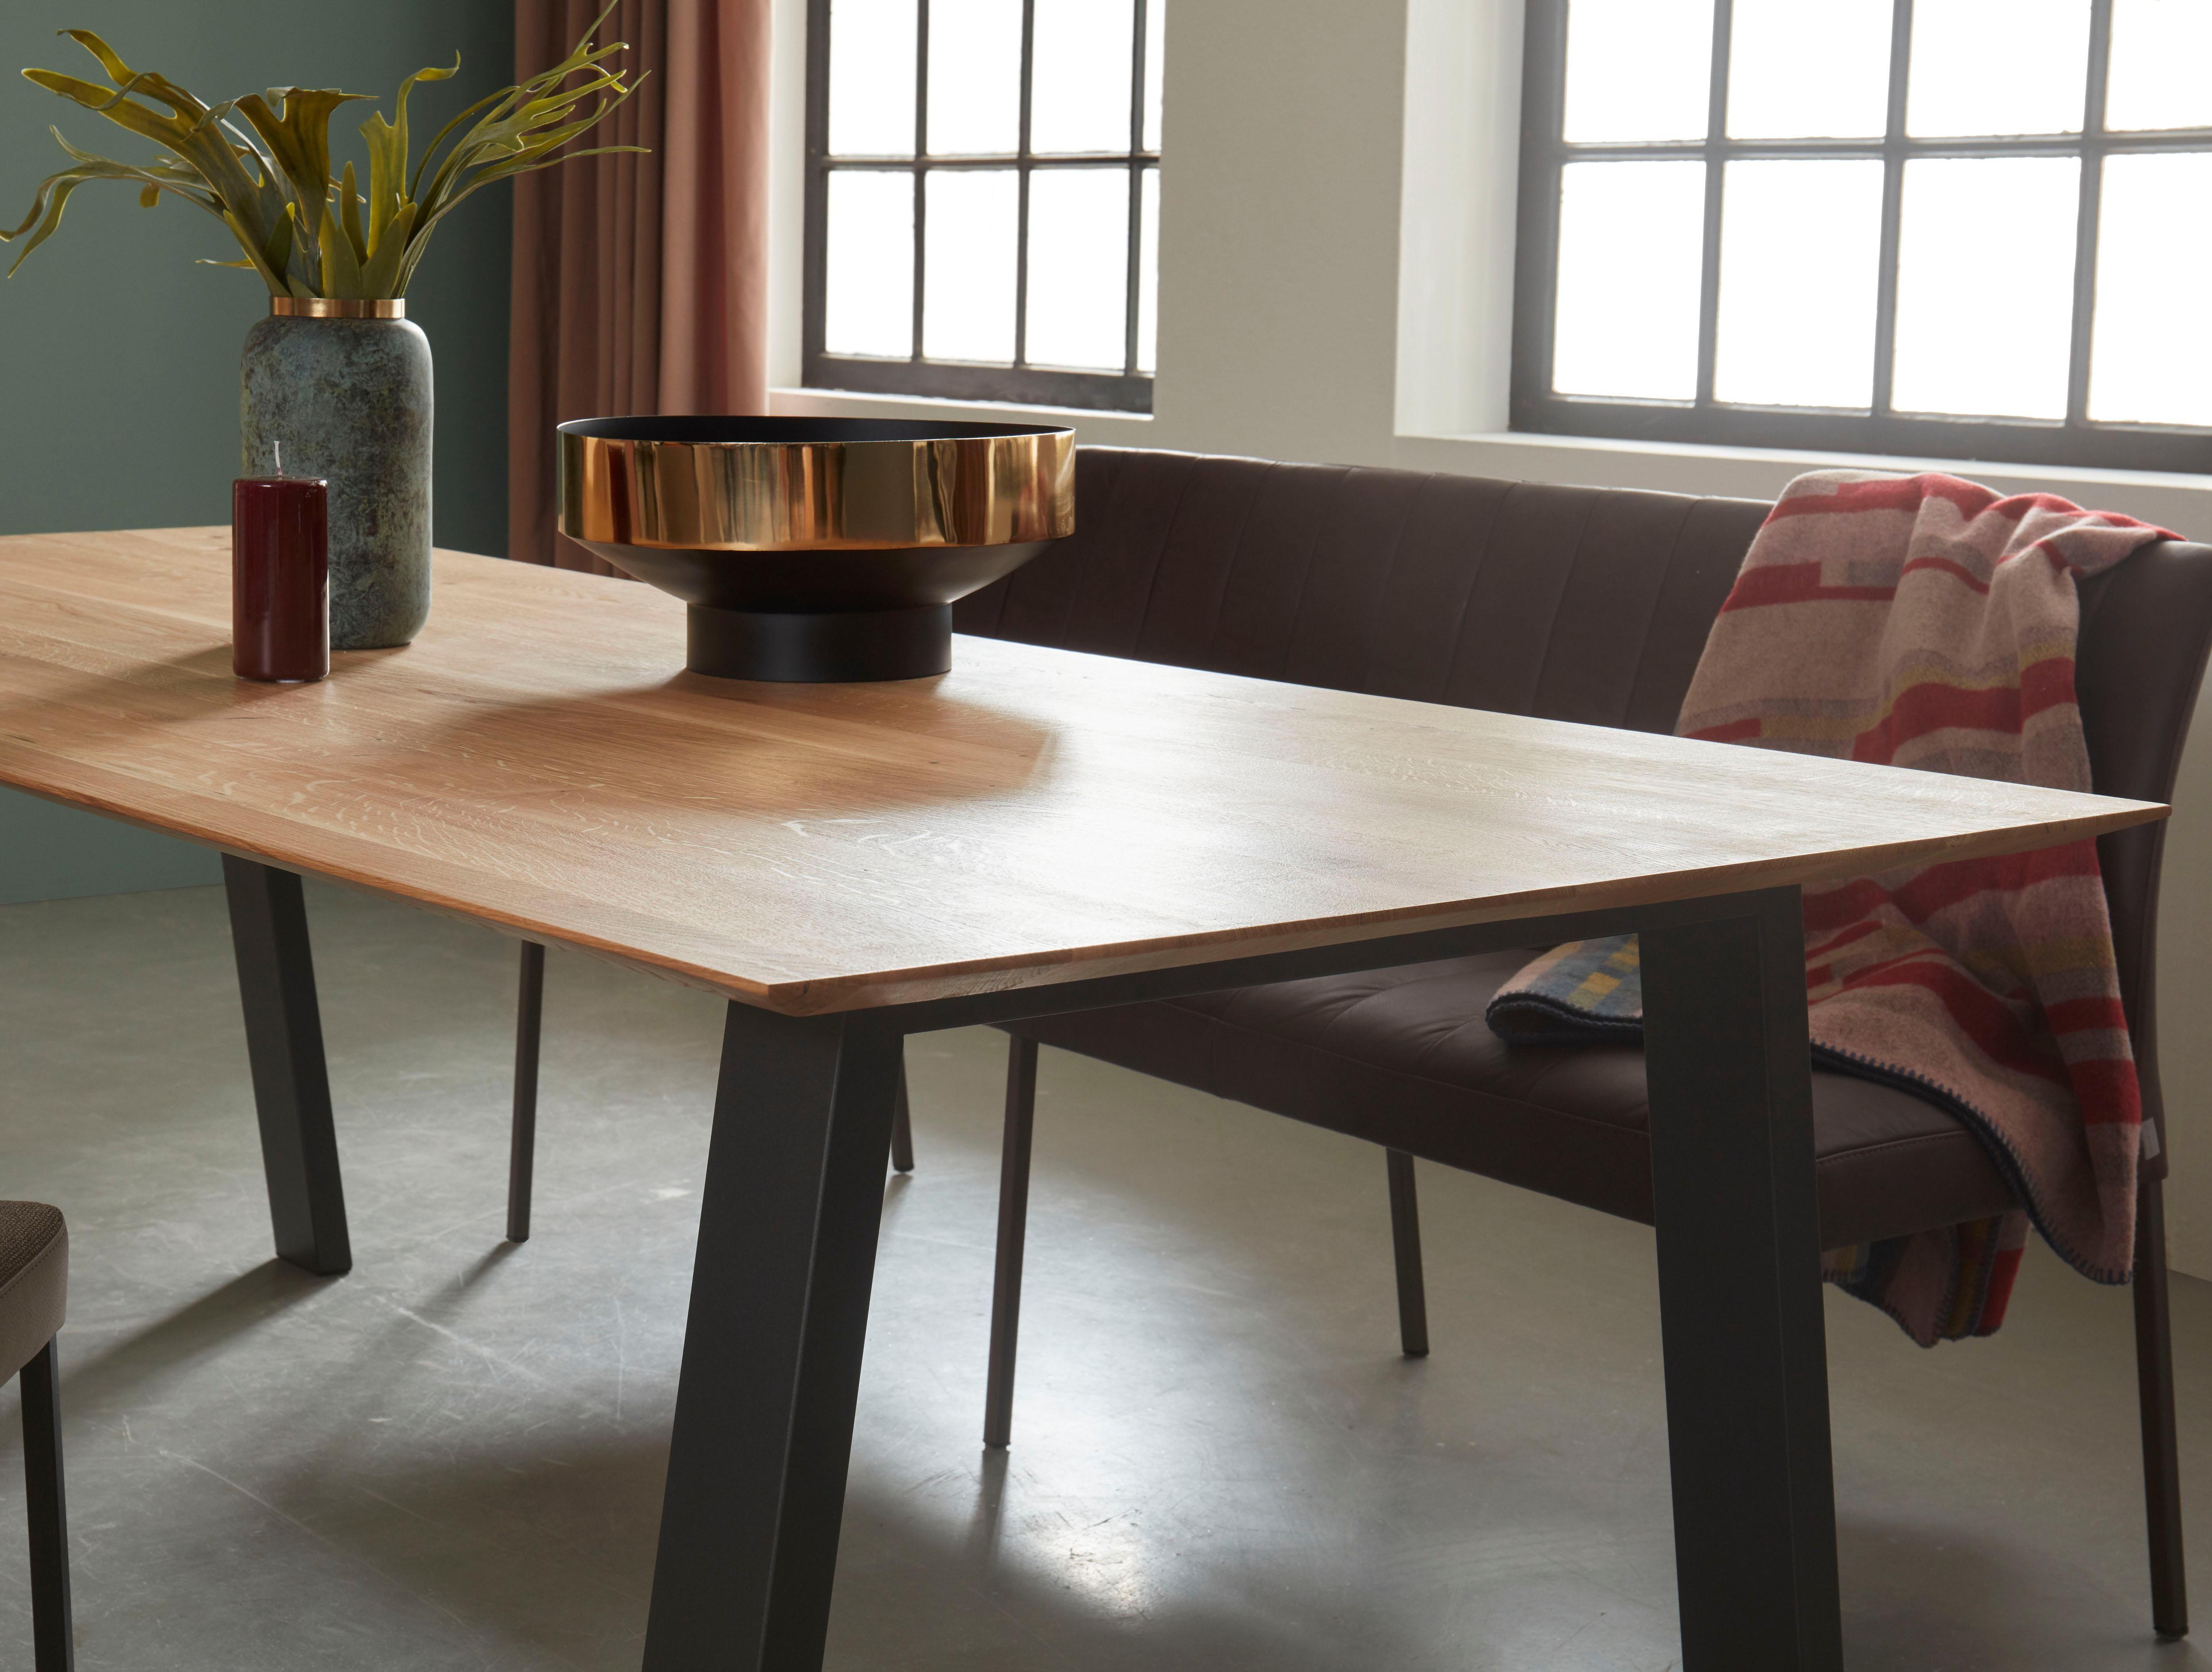 Bert Plantagie Esstisch Wik Online Kaufen Graue Esstische Design Tisch Esstisch